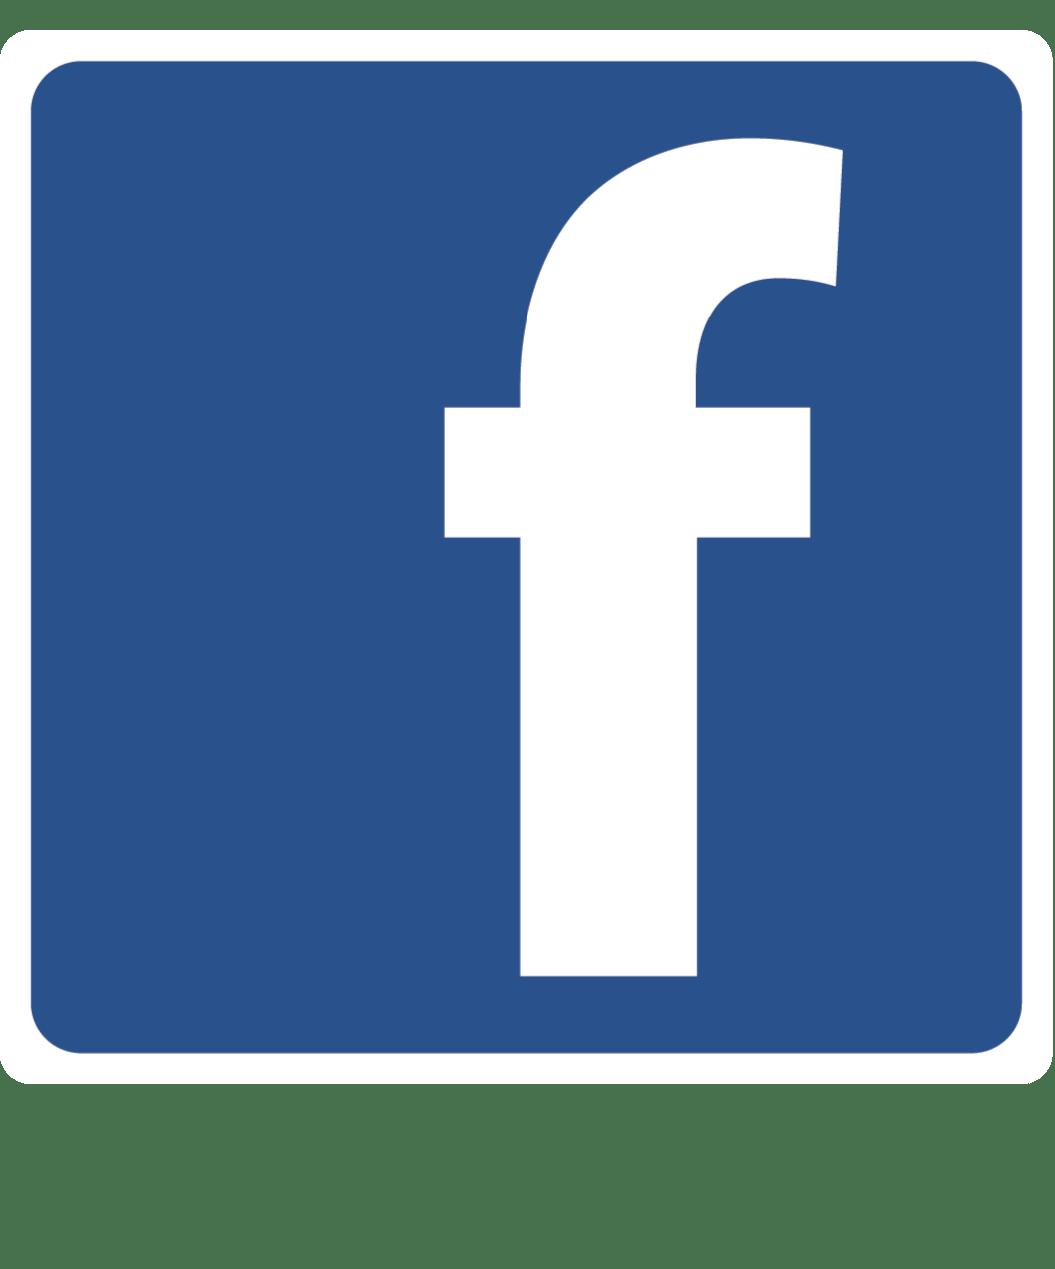 Logo Facebook Png Hd : facebook, Download, Icons, Button, Facebook,, Computer, Facebook, Image, FreePNGImg